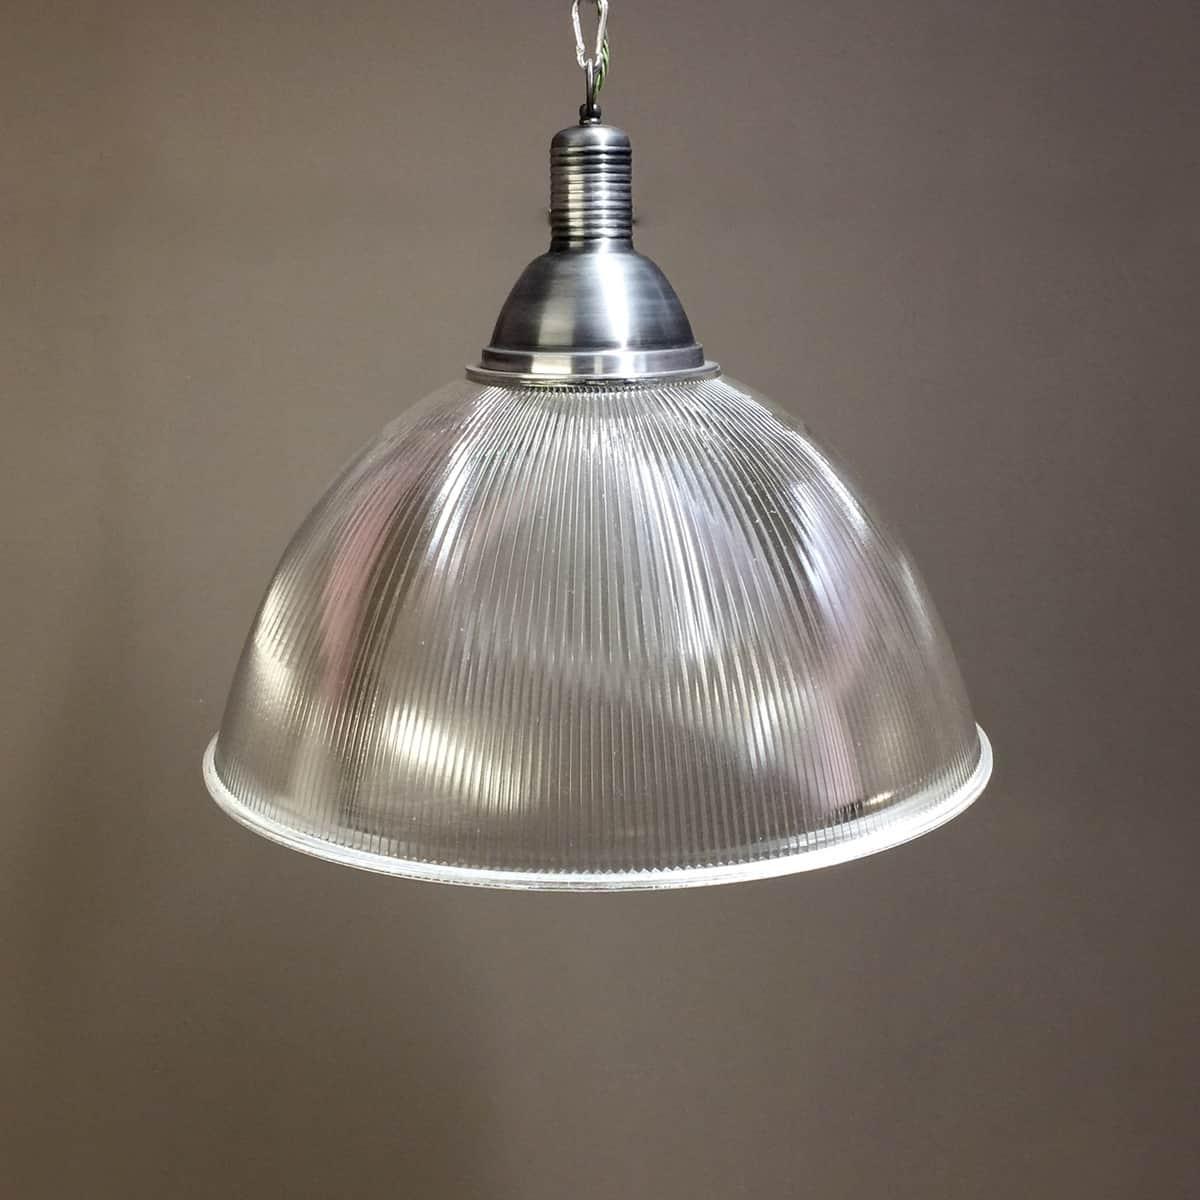 Large Vintage Industrial Prismatic Holophane Pendant Light